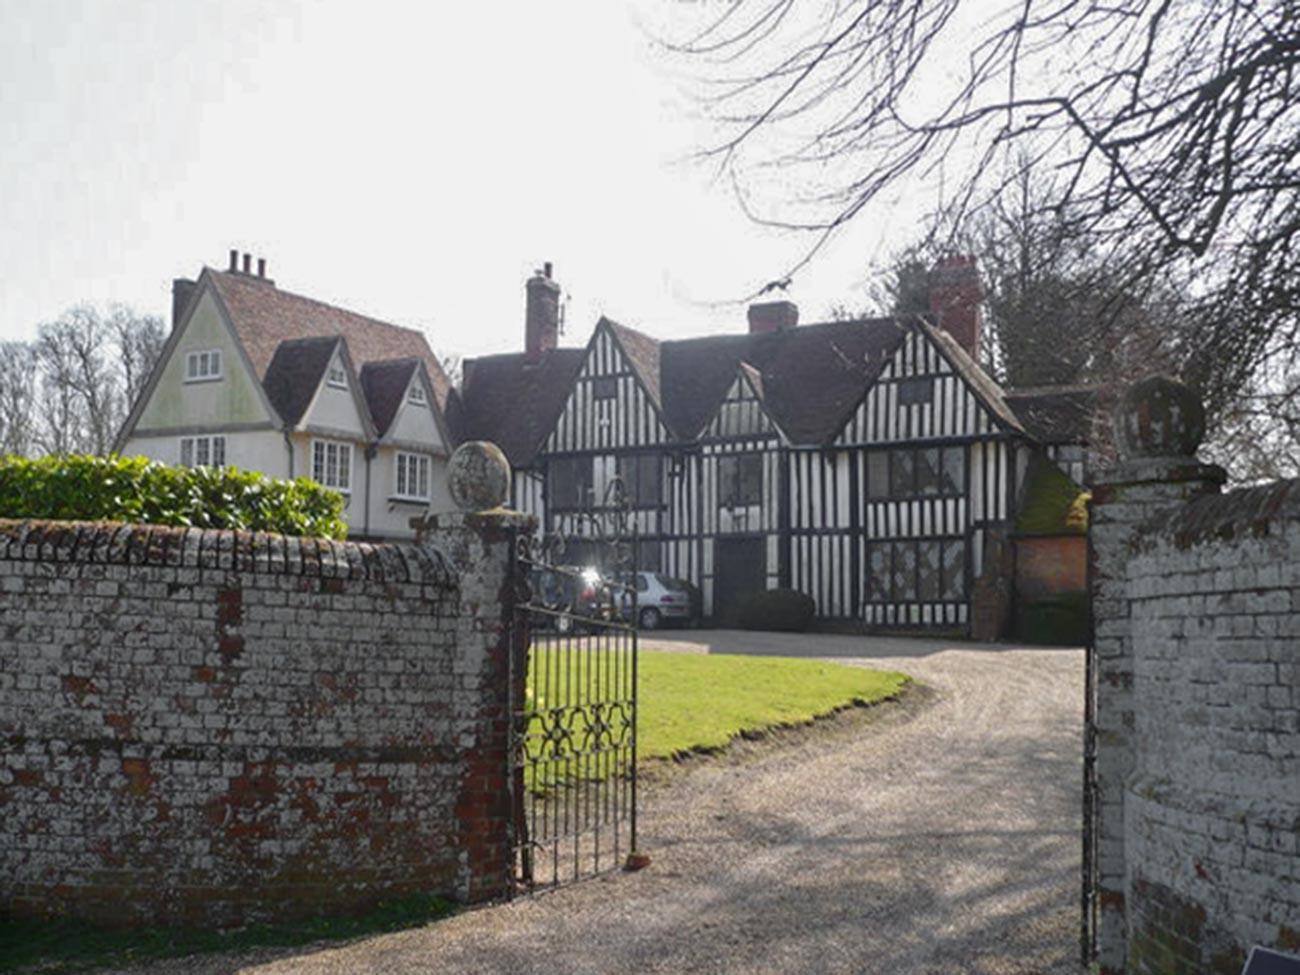 Provender, srednjovjekovna kuća u blizini Kenta. U vlasništvu je potomkinje ruske dinastije Romanov, princeze Olge Romanov. Uz pomoć organizacije English Heritage i arhitekta Ptolemyja Deana vraćena joj je nekadašnja slava.